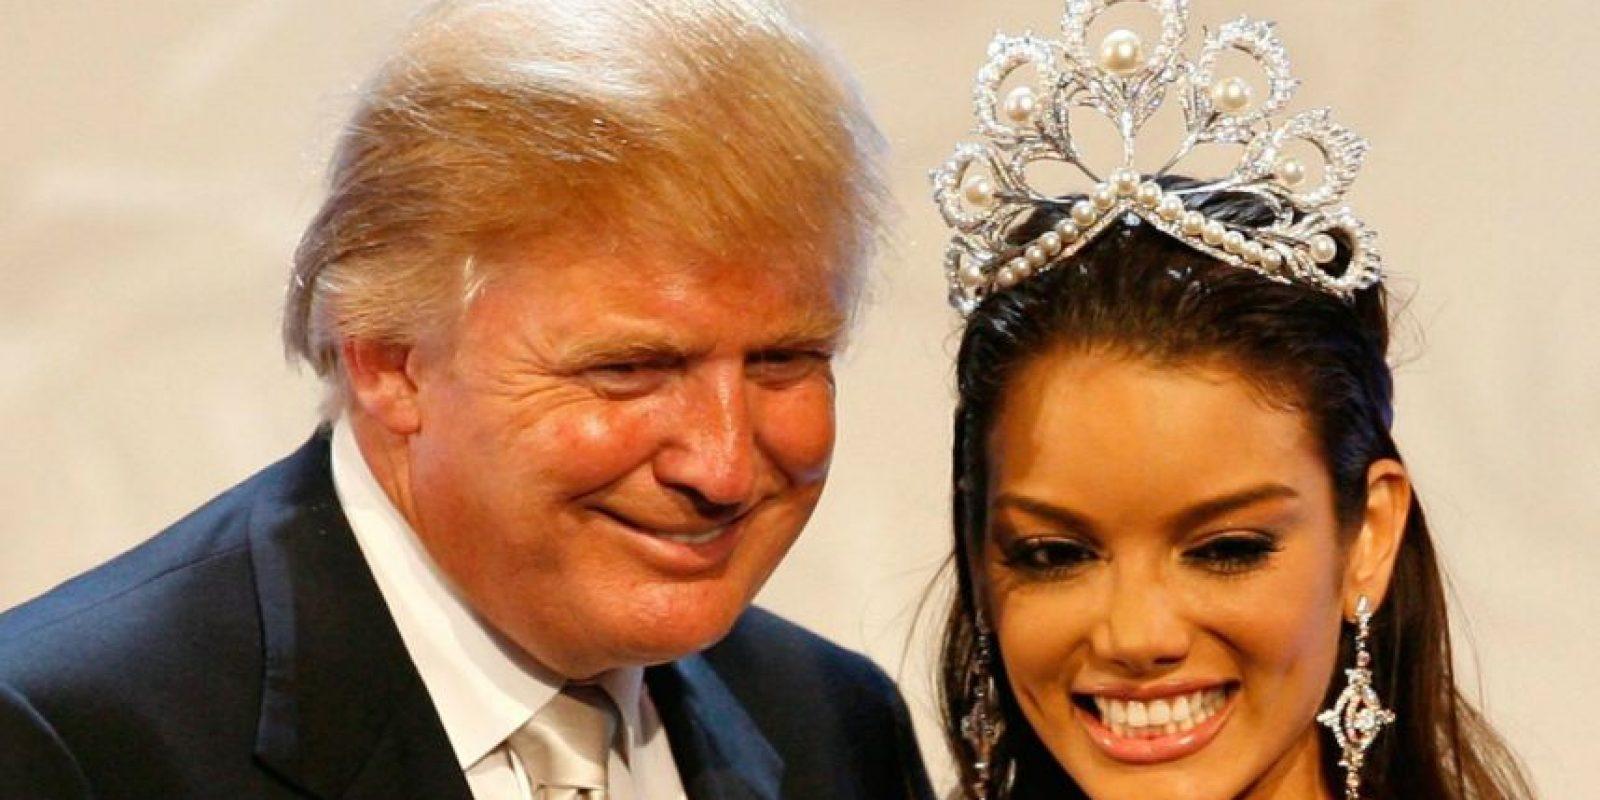 """""""Cuando México envía a su gente, no envía lo mejor, no los envía a ustedes. Están enviando gente con montones de problemas. Están trayendo drogas, están trayendo crimen, son violadores y algunos asumo que son buenas personas, pero he hablado con guardias fronterizos y me dicen lo que estamos recibiendo. Y tiene sentido común; no nos envían a la gente adecuada"""", expresó el magnate en su primer discurso como precandidato presidencial. Foto:Getty Images"""